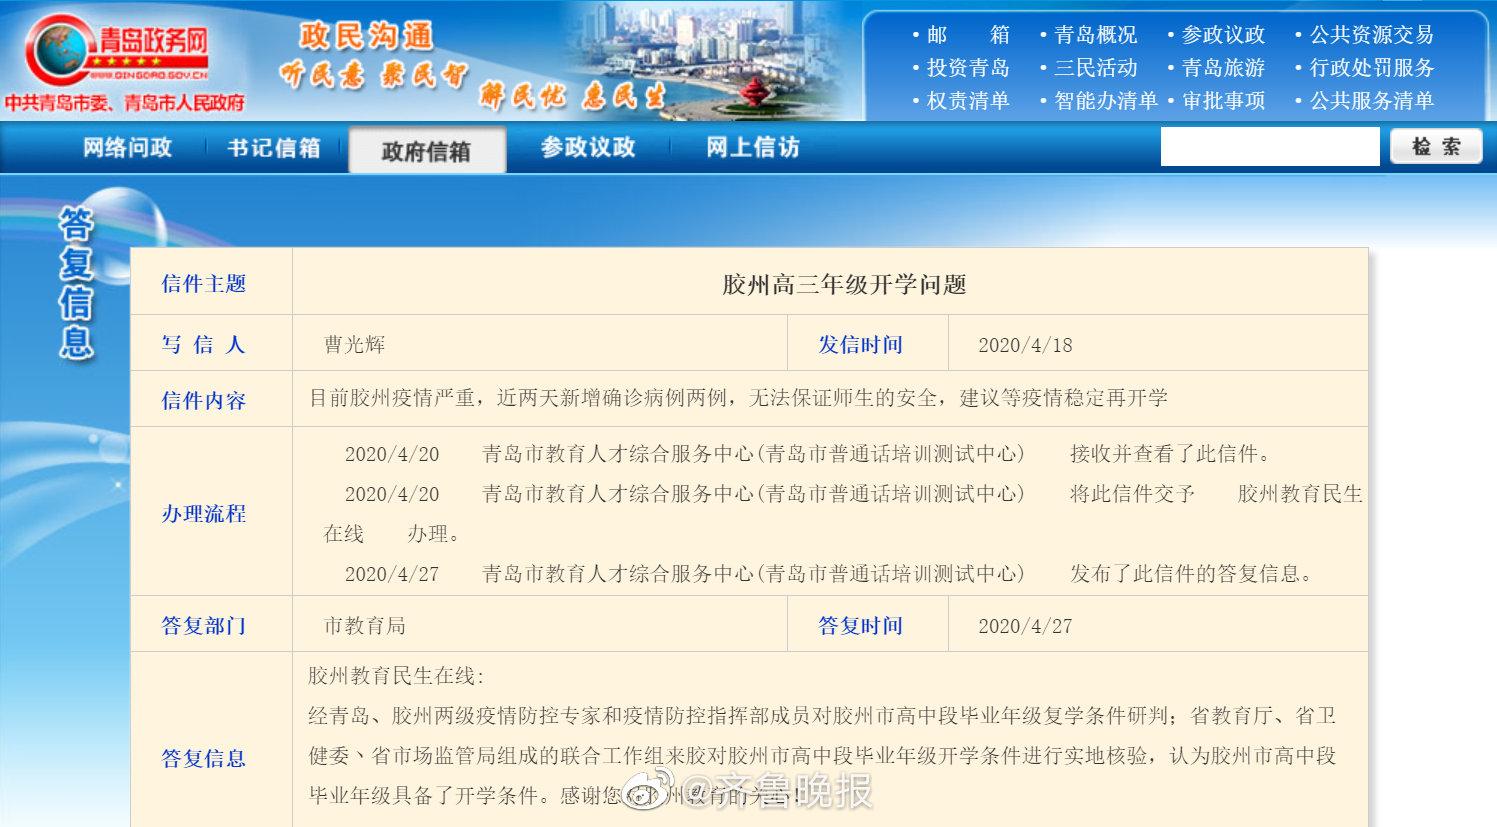 青岛胶州市教育局:高三已具备开学条件